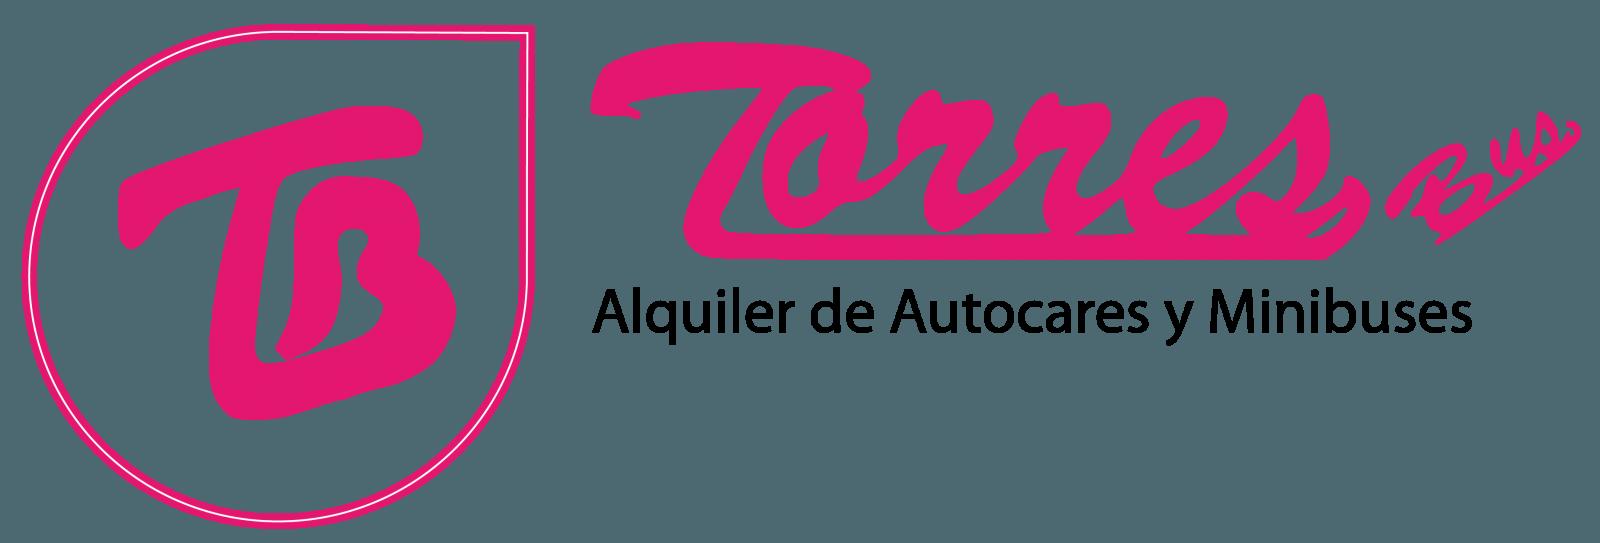 Vermietung von Bussen, Bussen, Minibussen und Kleinbussen in Madrid